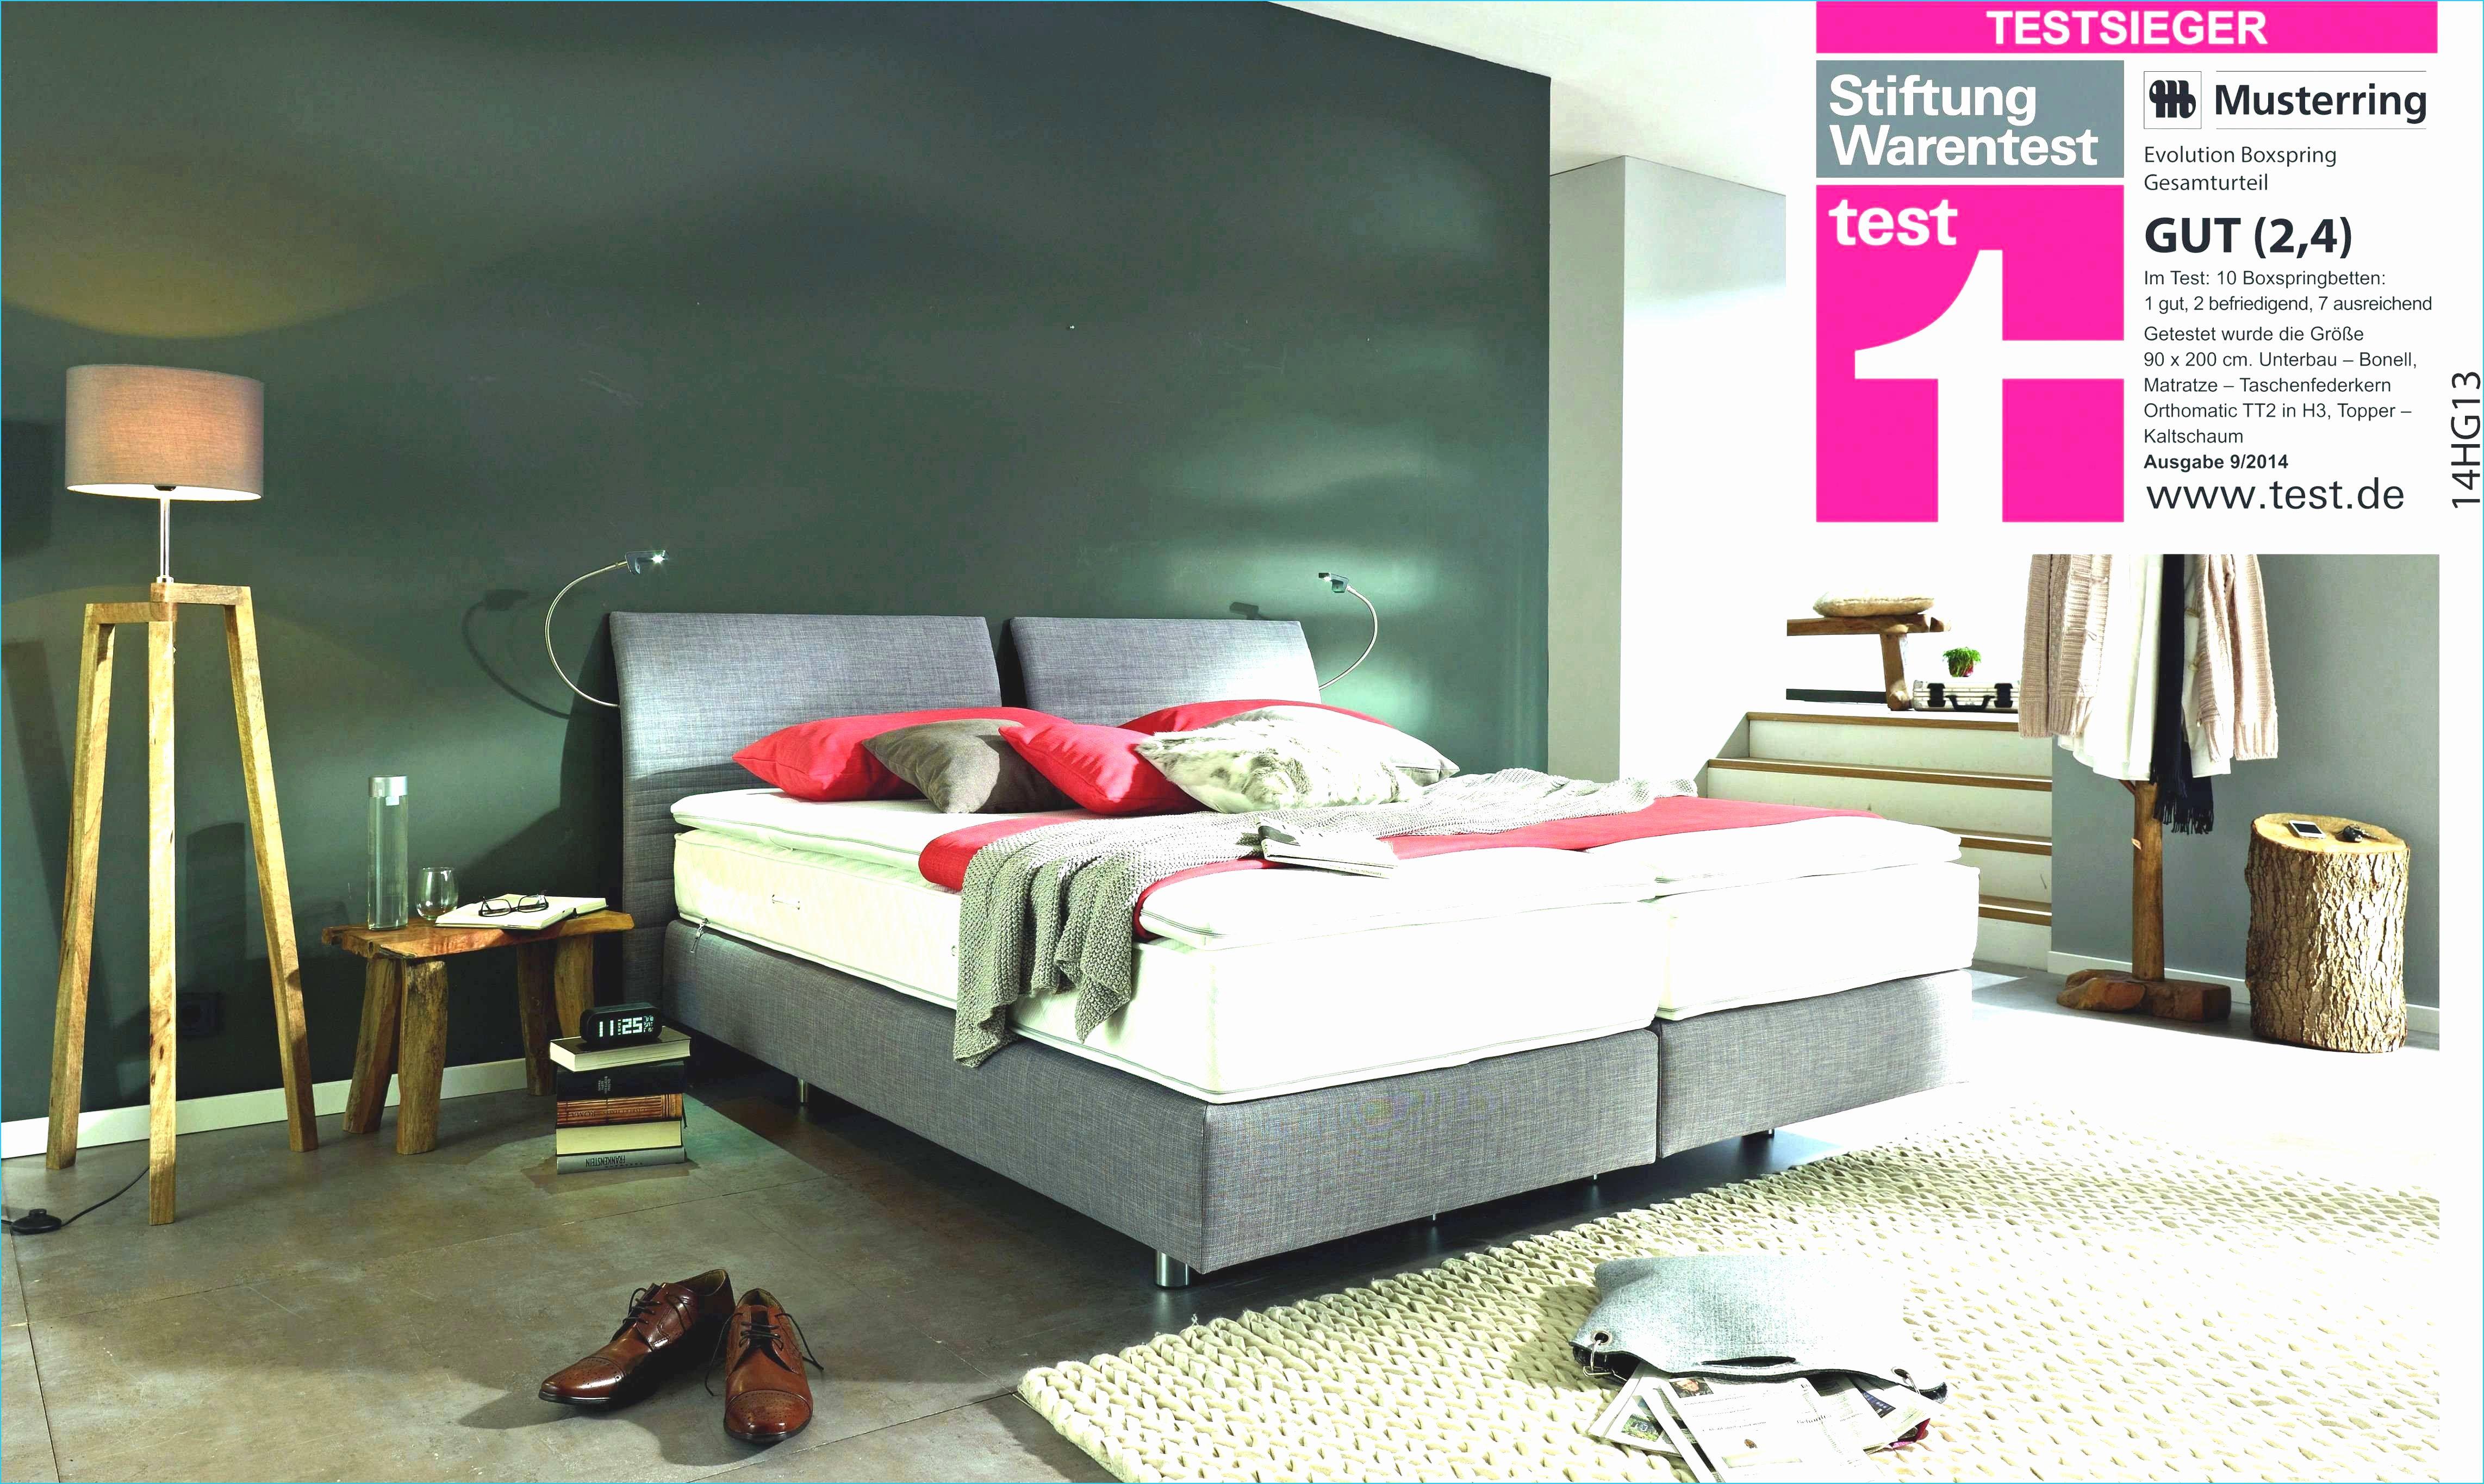 Boxspringbett Matratze H5 Inspirierend Einzigartig 32 7 Zonen Matratze 140x200 Design Wohntraume In 2020 Home Decor Furniture Decor